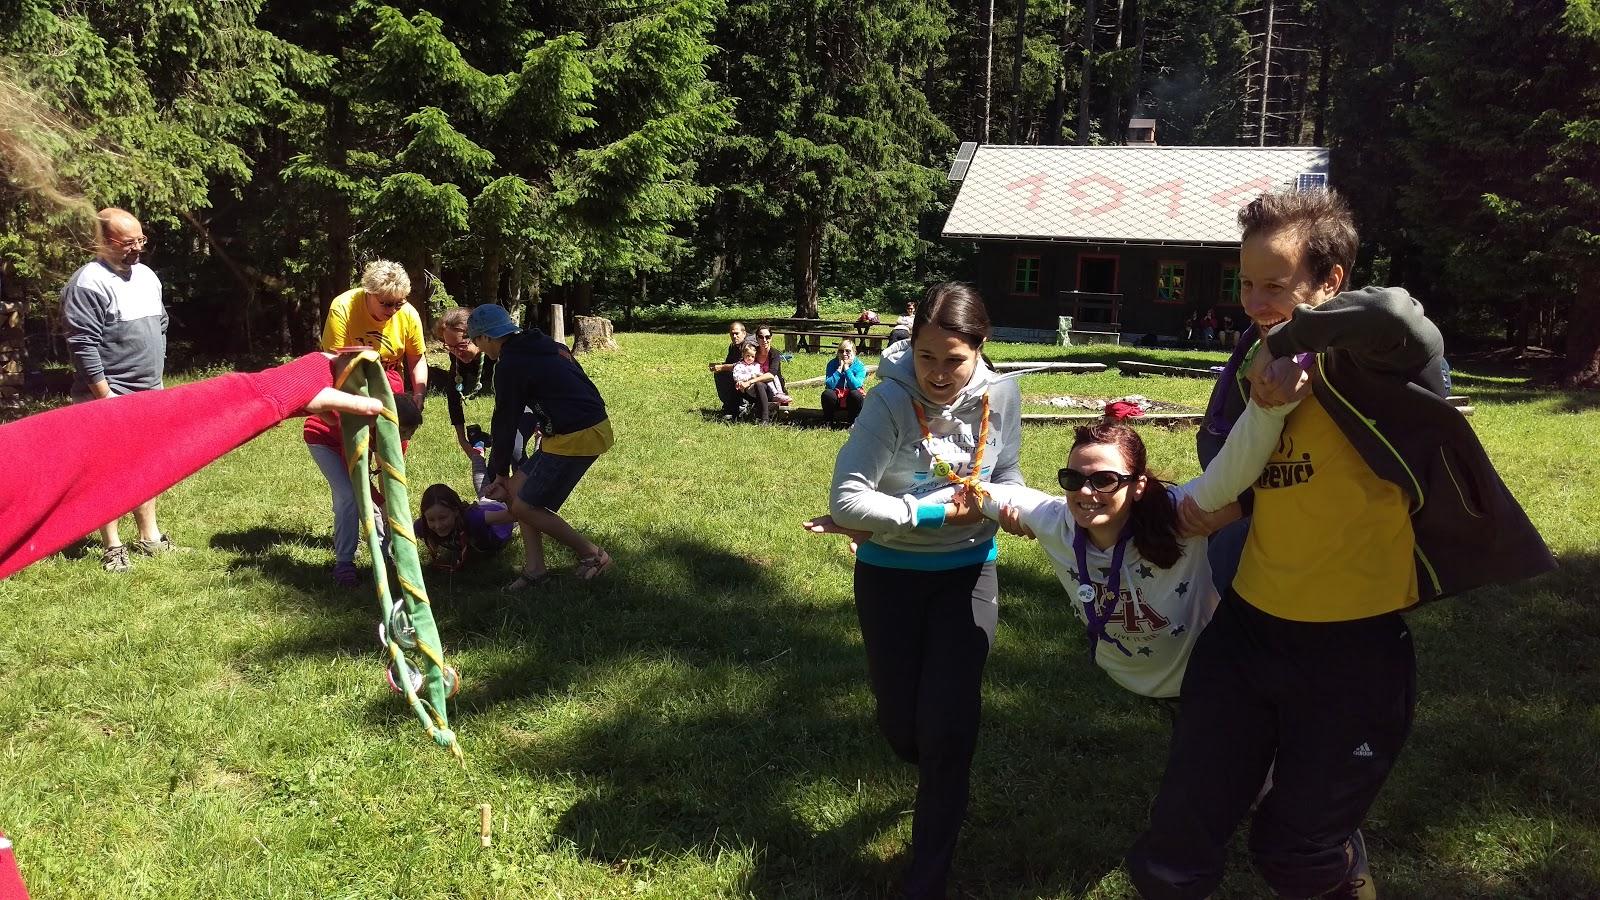 Piknik s starši 2015, Črni dol, 21. 6. 2015 - IMAG0191.jpg